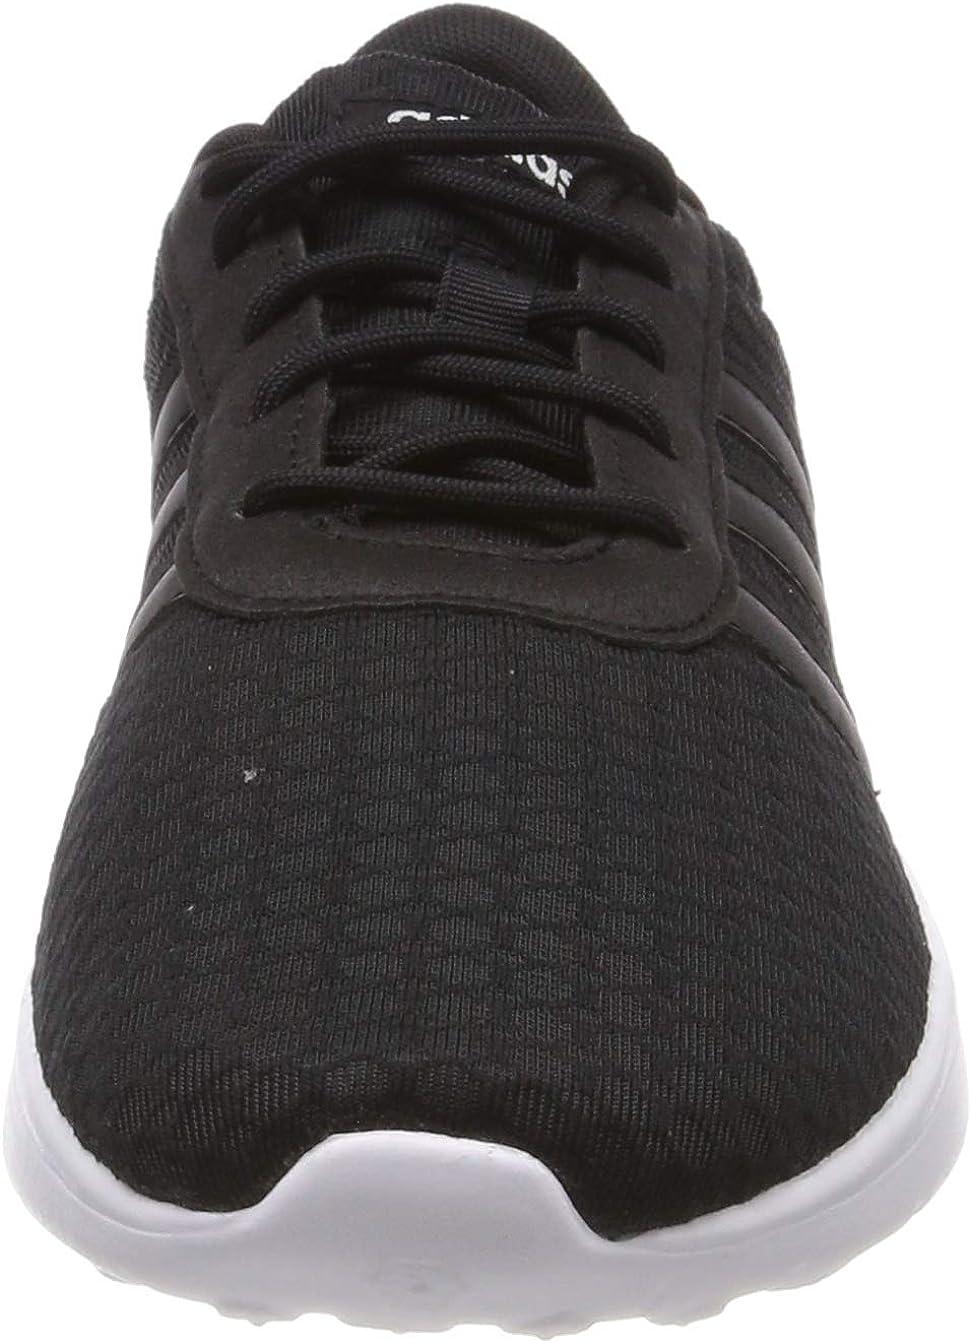 Chaussures de Running Femme adidas Lite Racer